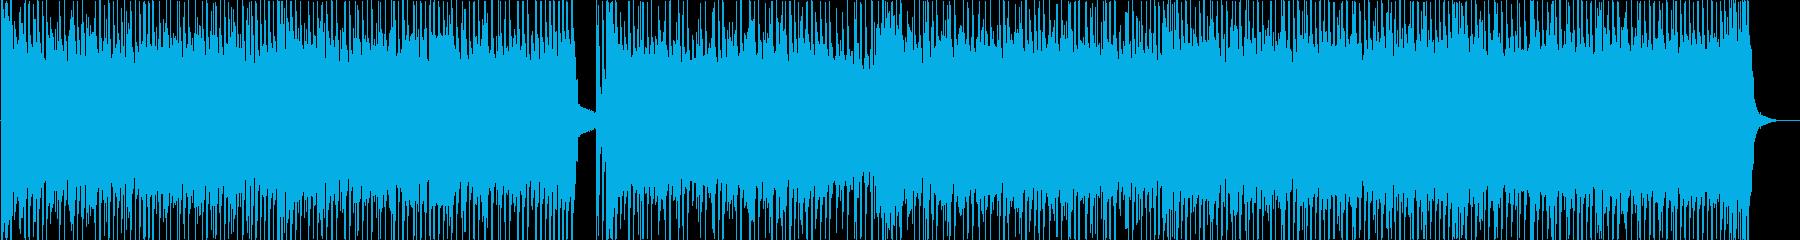 軽快で勢いあるピアノとエレキサウンドの再生済みの波形